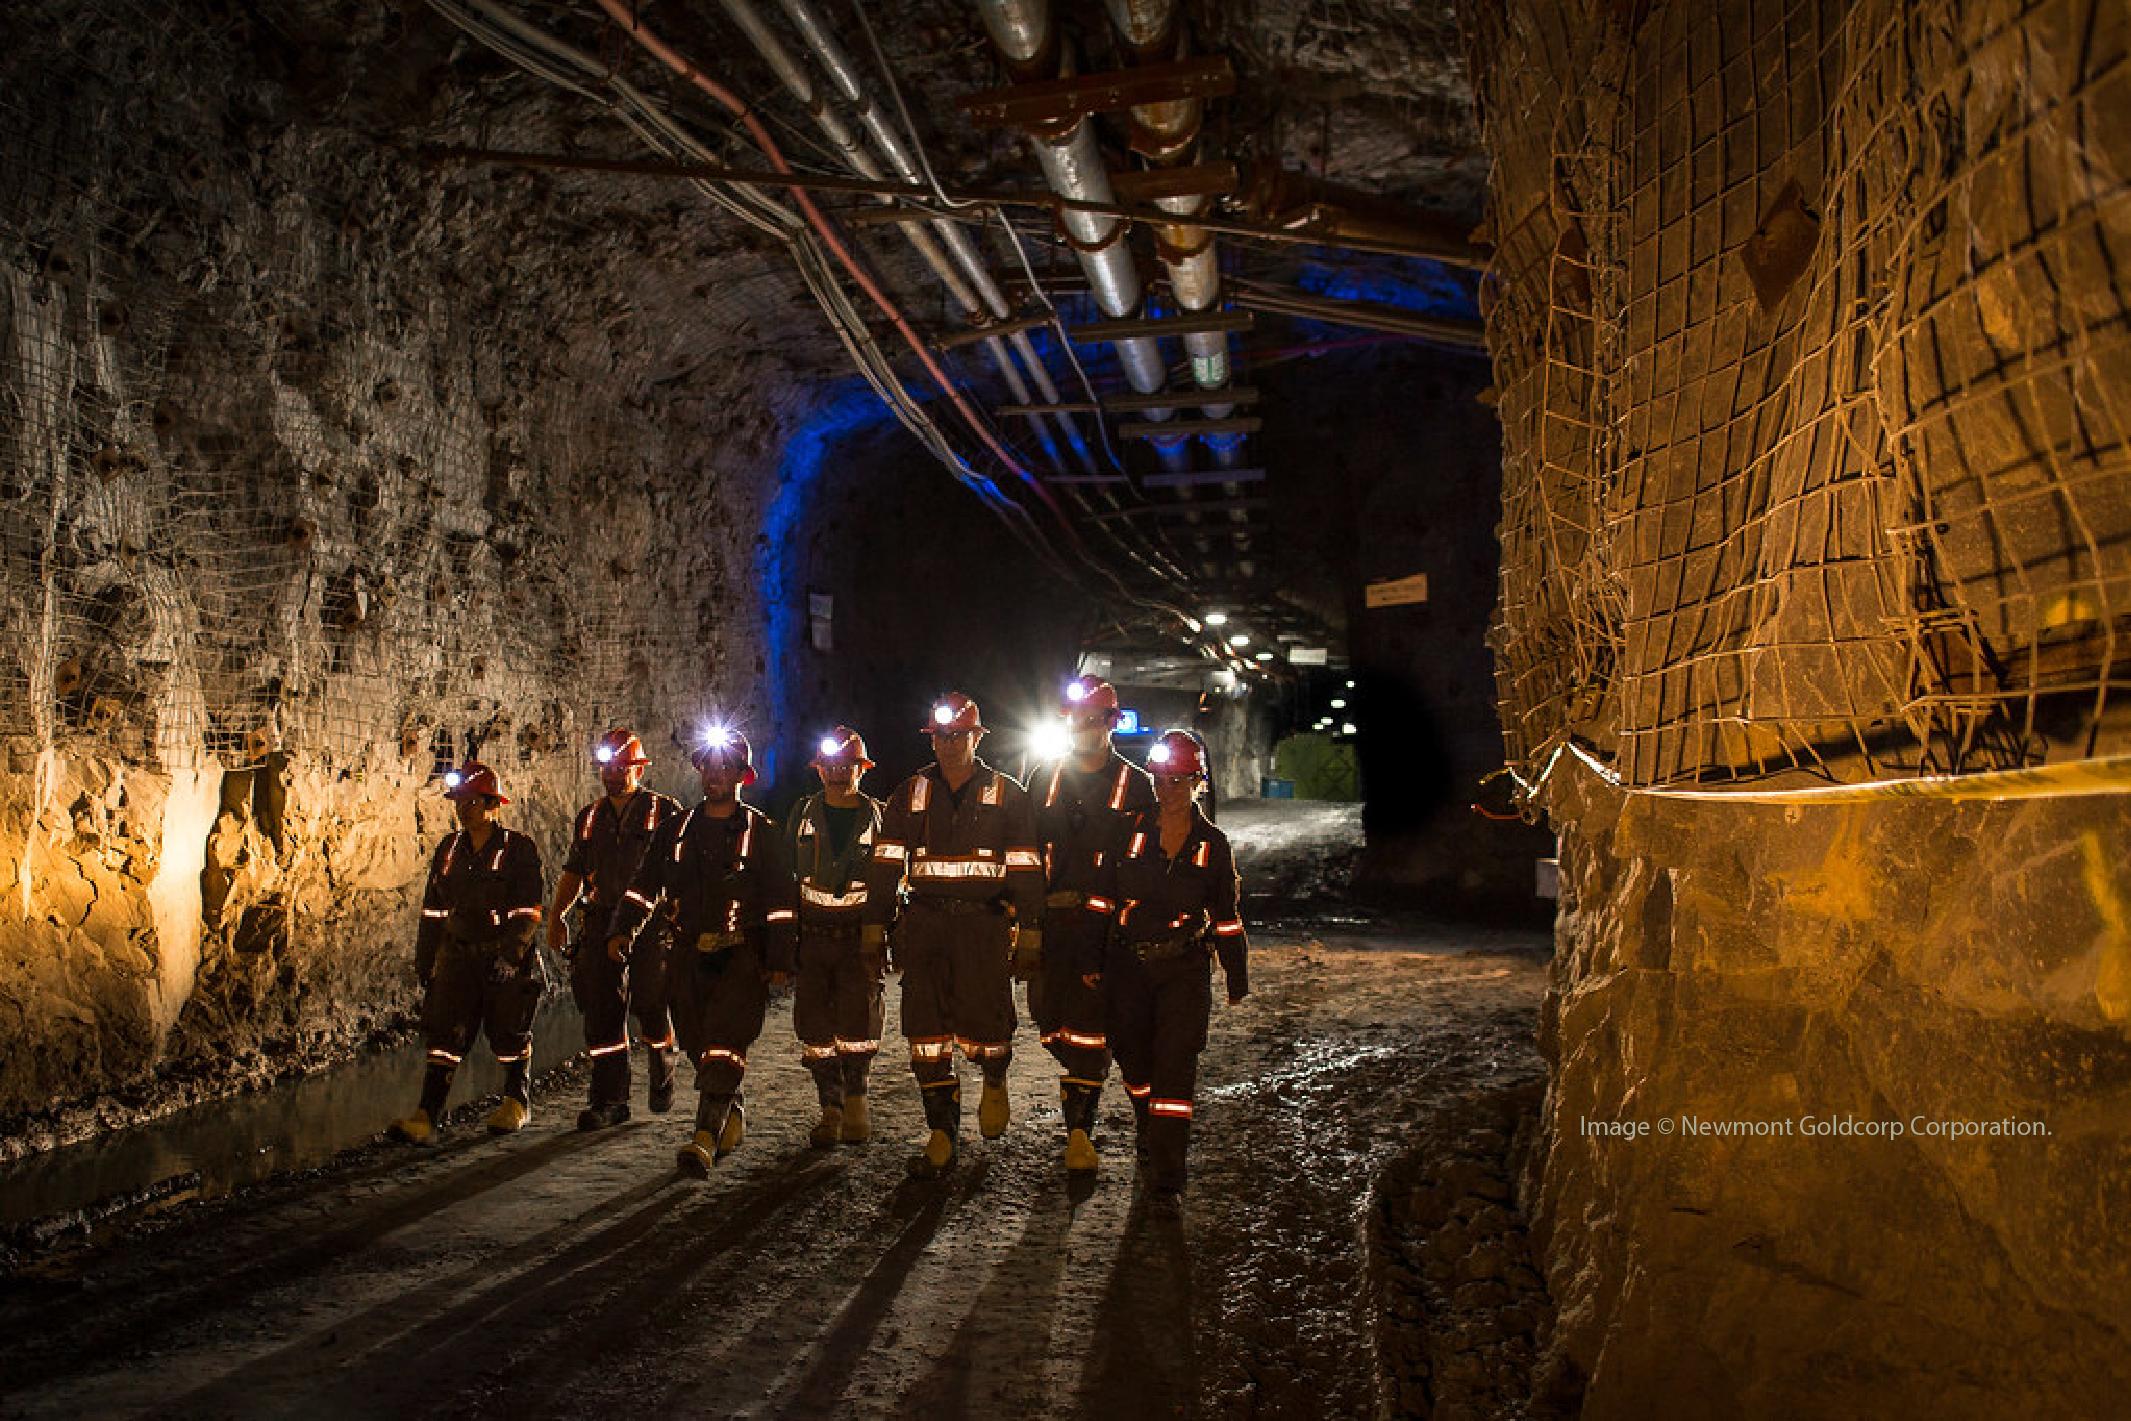 Mining, Resources, Underground Mining